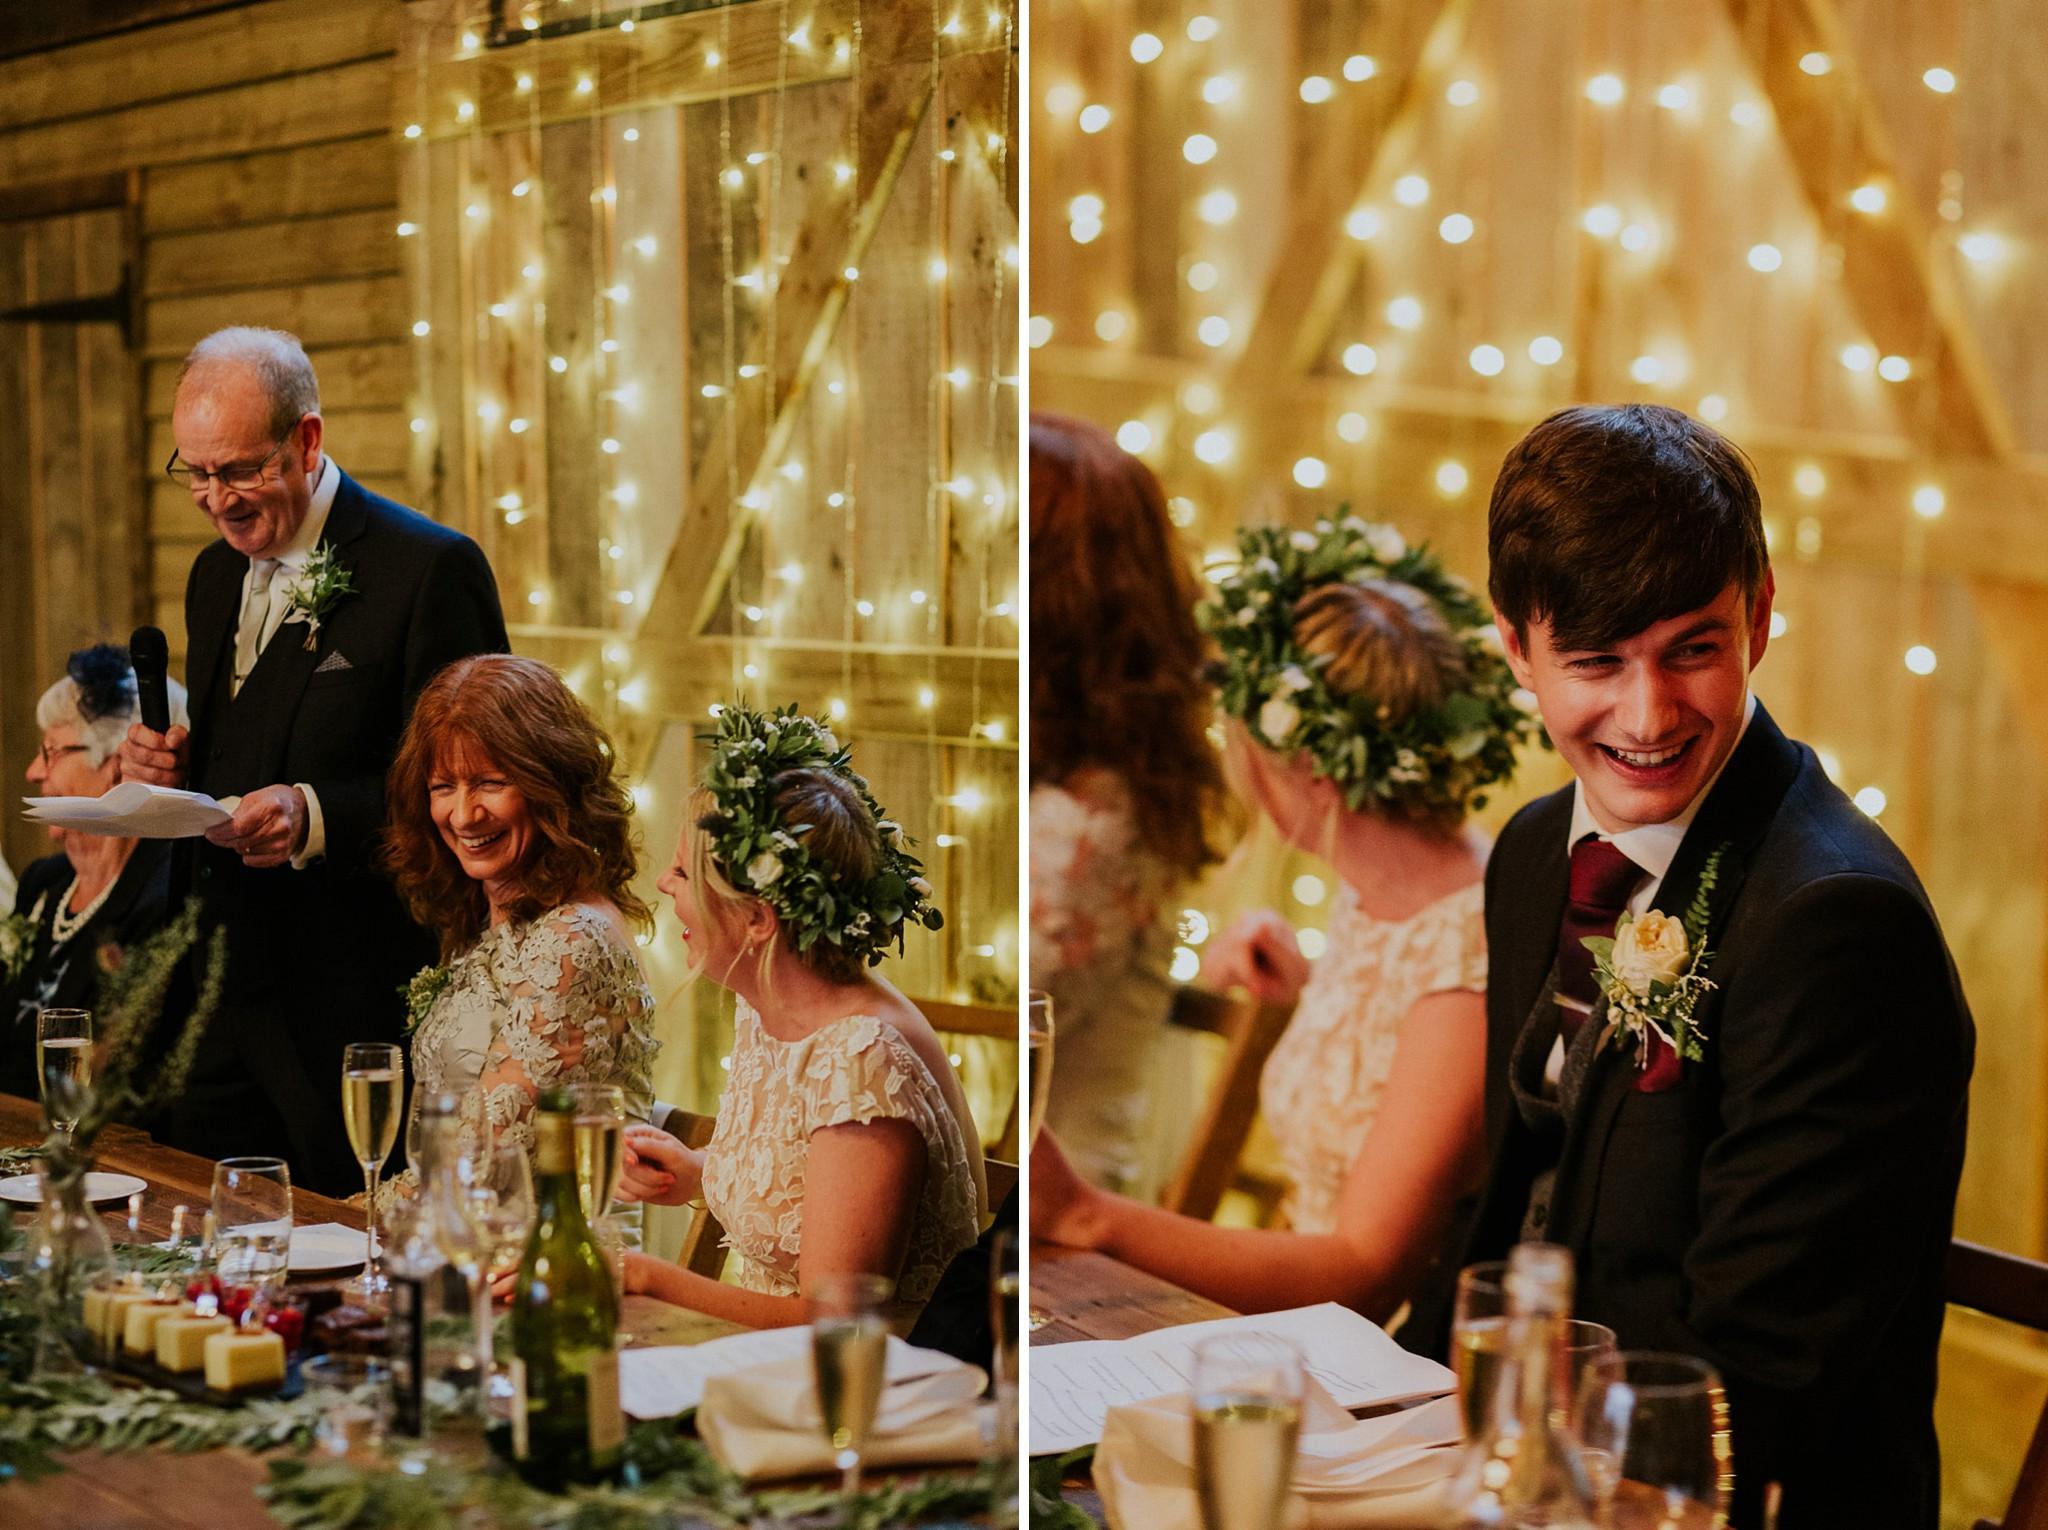 BillinghurstFarmwedding_0029.jpg